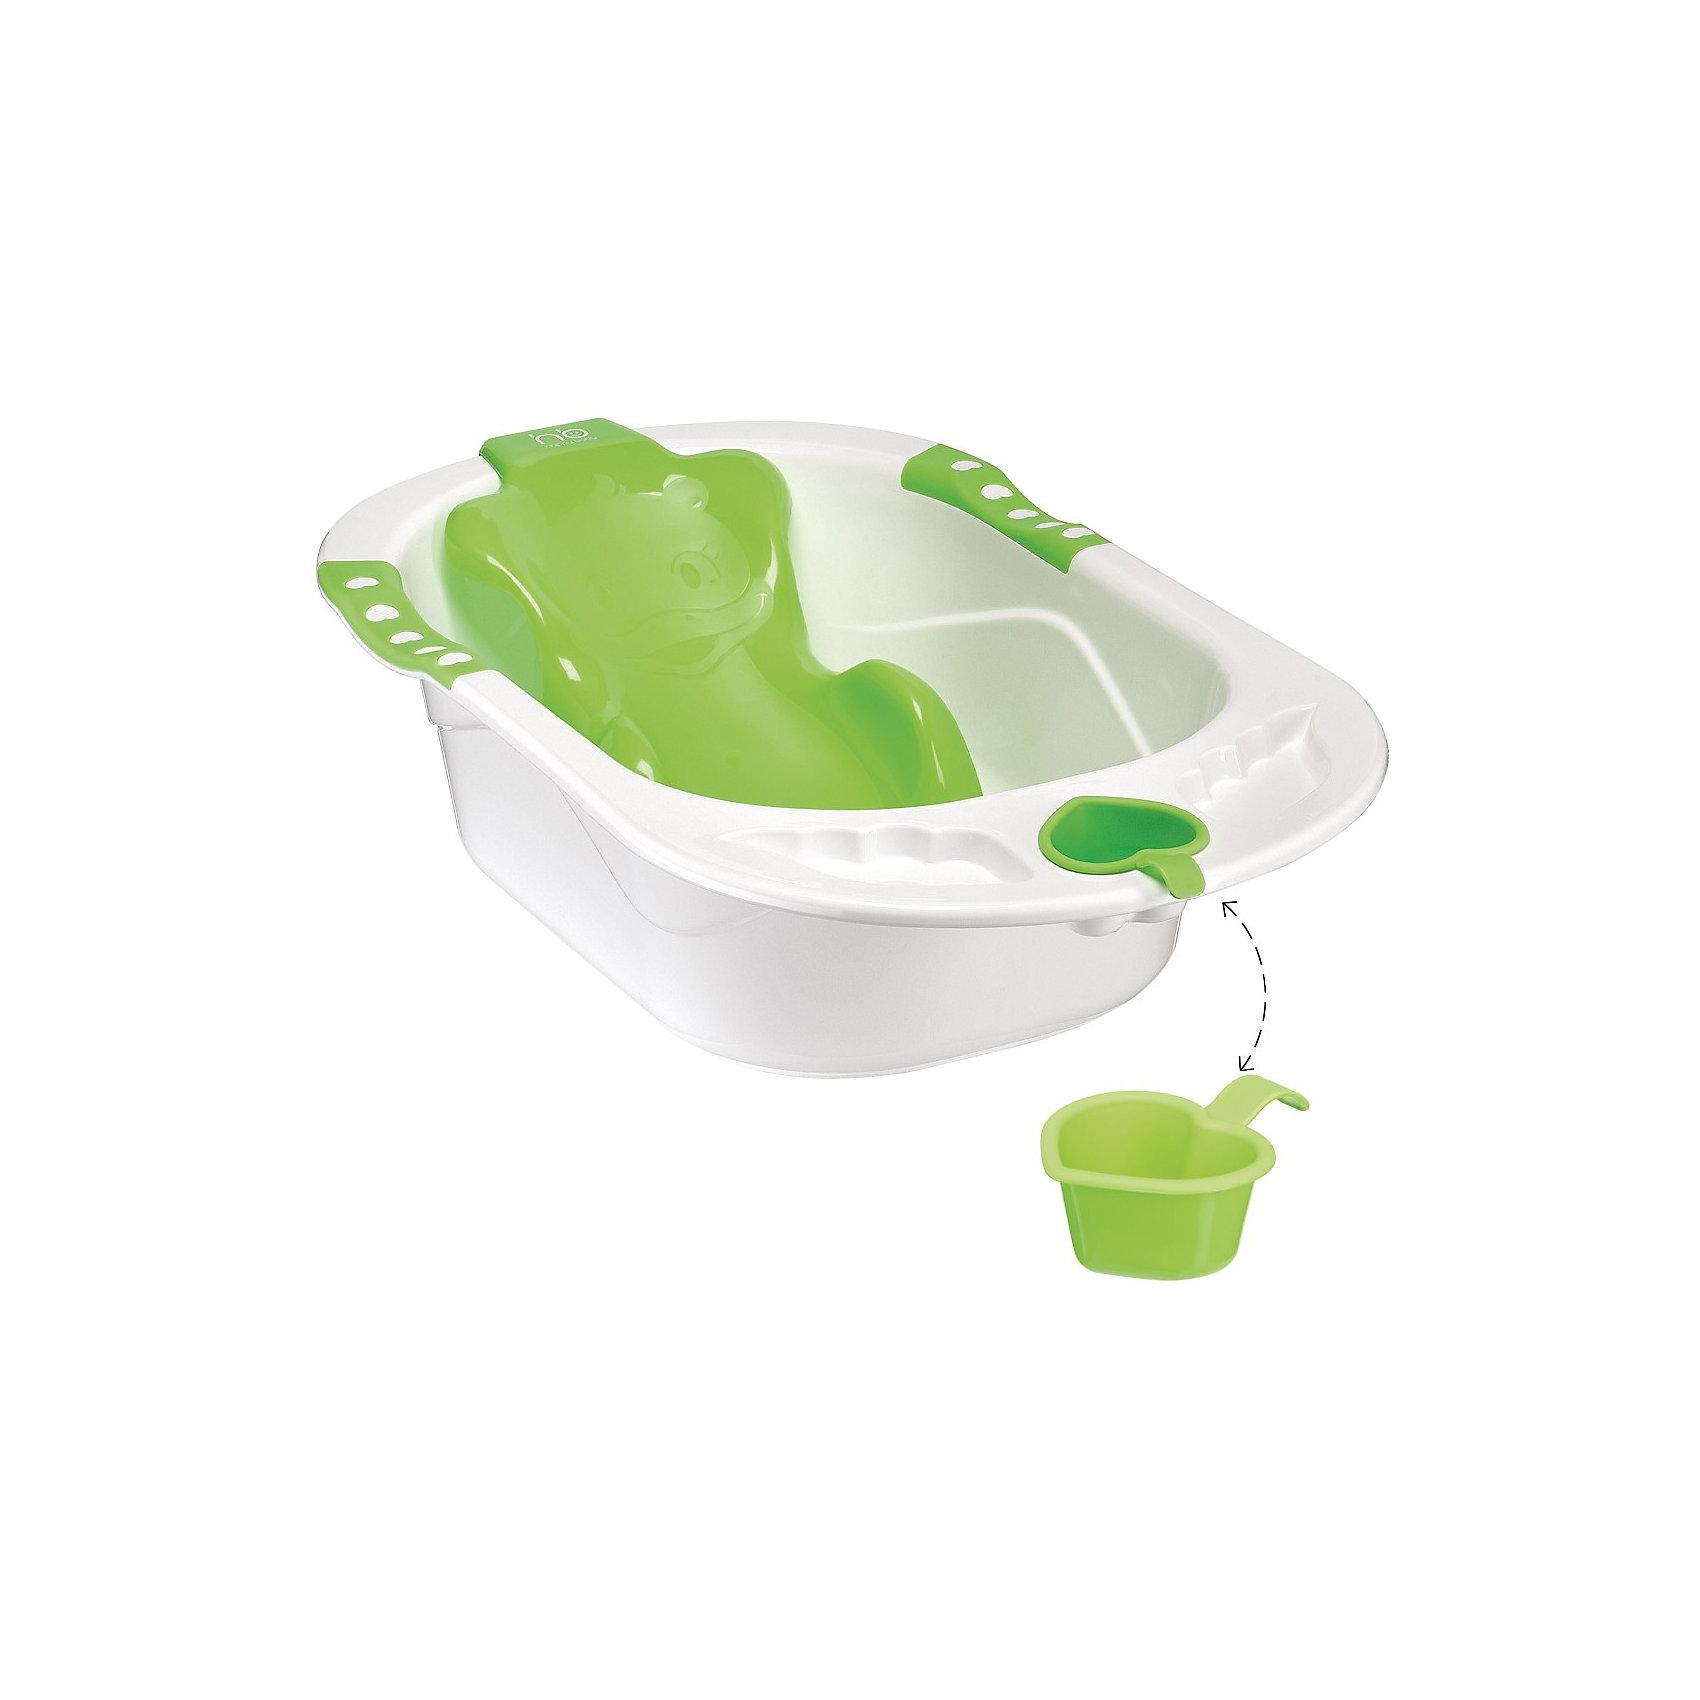 Ванна с анатомической горкой BATH COMFORT, Happy Baby, зеленыйДетская ванна с анатомической горкой BATH COMFORT, Happy Baby (Хэппи Бэби), зеленый- купание будет простым и приятным занятием.<br>Детская ванночка Baby Comfort – предназначена для купания детей с самого рождения. Эргономичная горка, которая повторяет анатомические формы тела.  Наличие горки делает эту ванночку комфортной для малыша, три опорные точки под мышками и в паху обеспечивают безопасность, а также позволяют маме искупать малыша без дополнительной помощи. Горка надежно фиксируется присосками к дну ванны. Ванна оборудована сливом с защитой. В углублениях по бокам ванночки можно разместить аксессуары для купания. Имеется удобный съемный ковшик в виде сердечка. Изготовлена ванна из прочного экологически чистого материала.<br><br>Дополнительная информация:<br><br>- Материал: полипропилен, ПВХ (присоски)<br>- Размеры ванны: 88х52х35.5 см<br><br>Детскую ванну с анатомической горкой BATH COMFORT, Happy Baby (Хэппи Бэби), зеленую можно купить в нашем интернет-магазине.<br><br>Ширина мм: 880<br>Глубина мм: 520<br>Высота мм: 355<br>Вес г: 3000<br>Возраст от месяцев: 0<br>Возраст до месяцев: 18<br>Пол: Унисекс<br>Возраст: Детский<br>SKU: 3564214